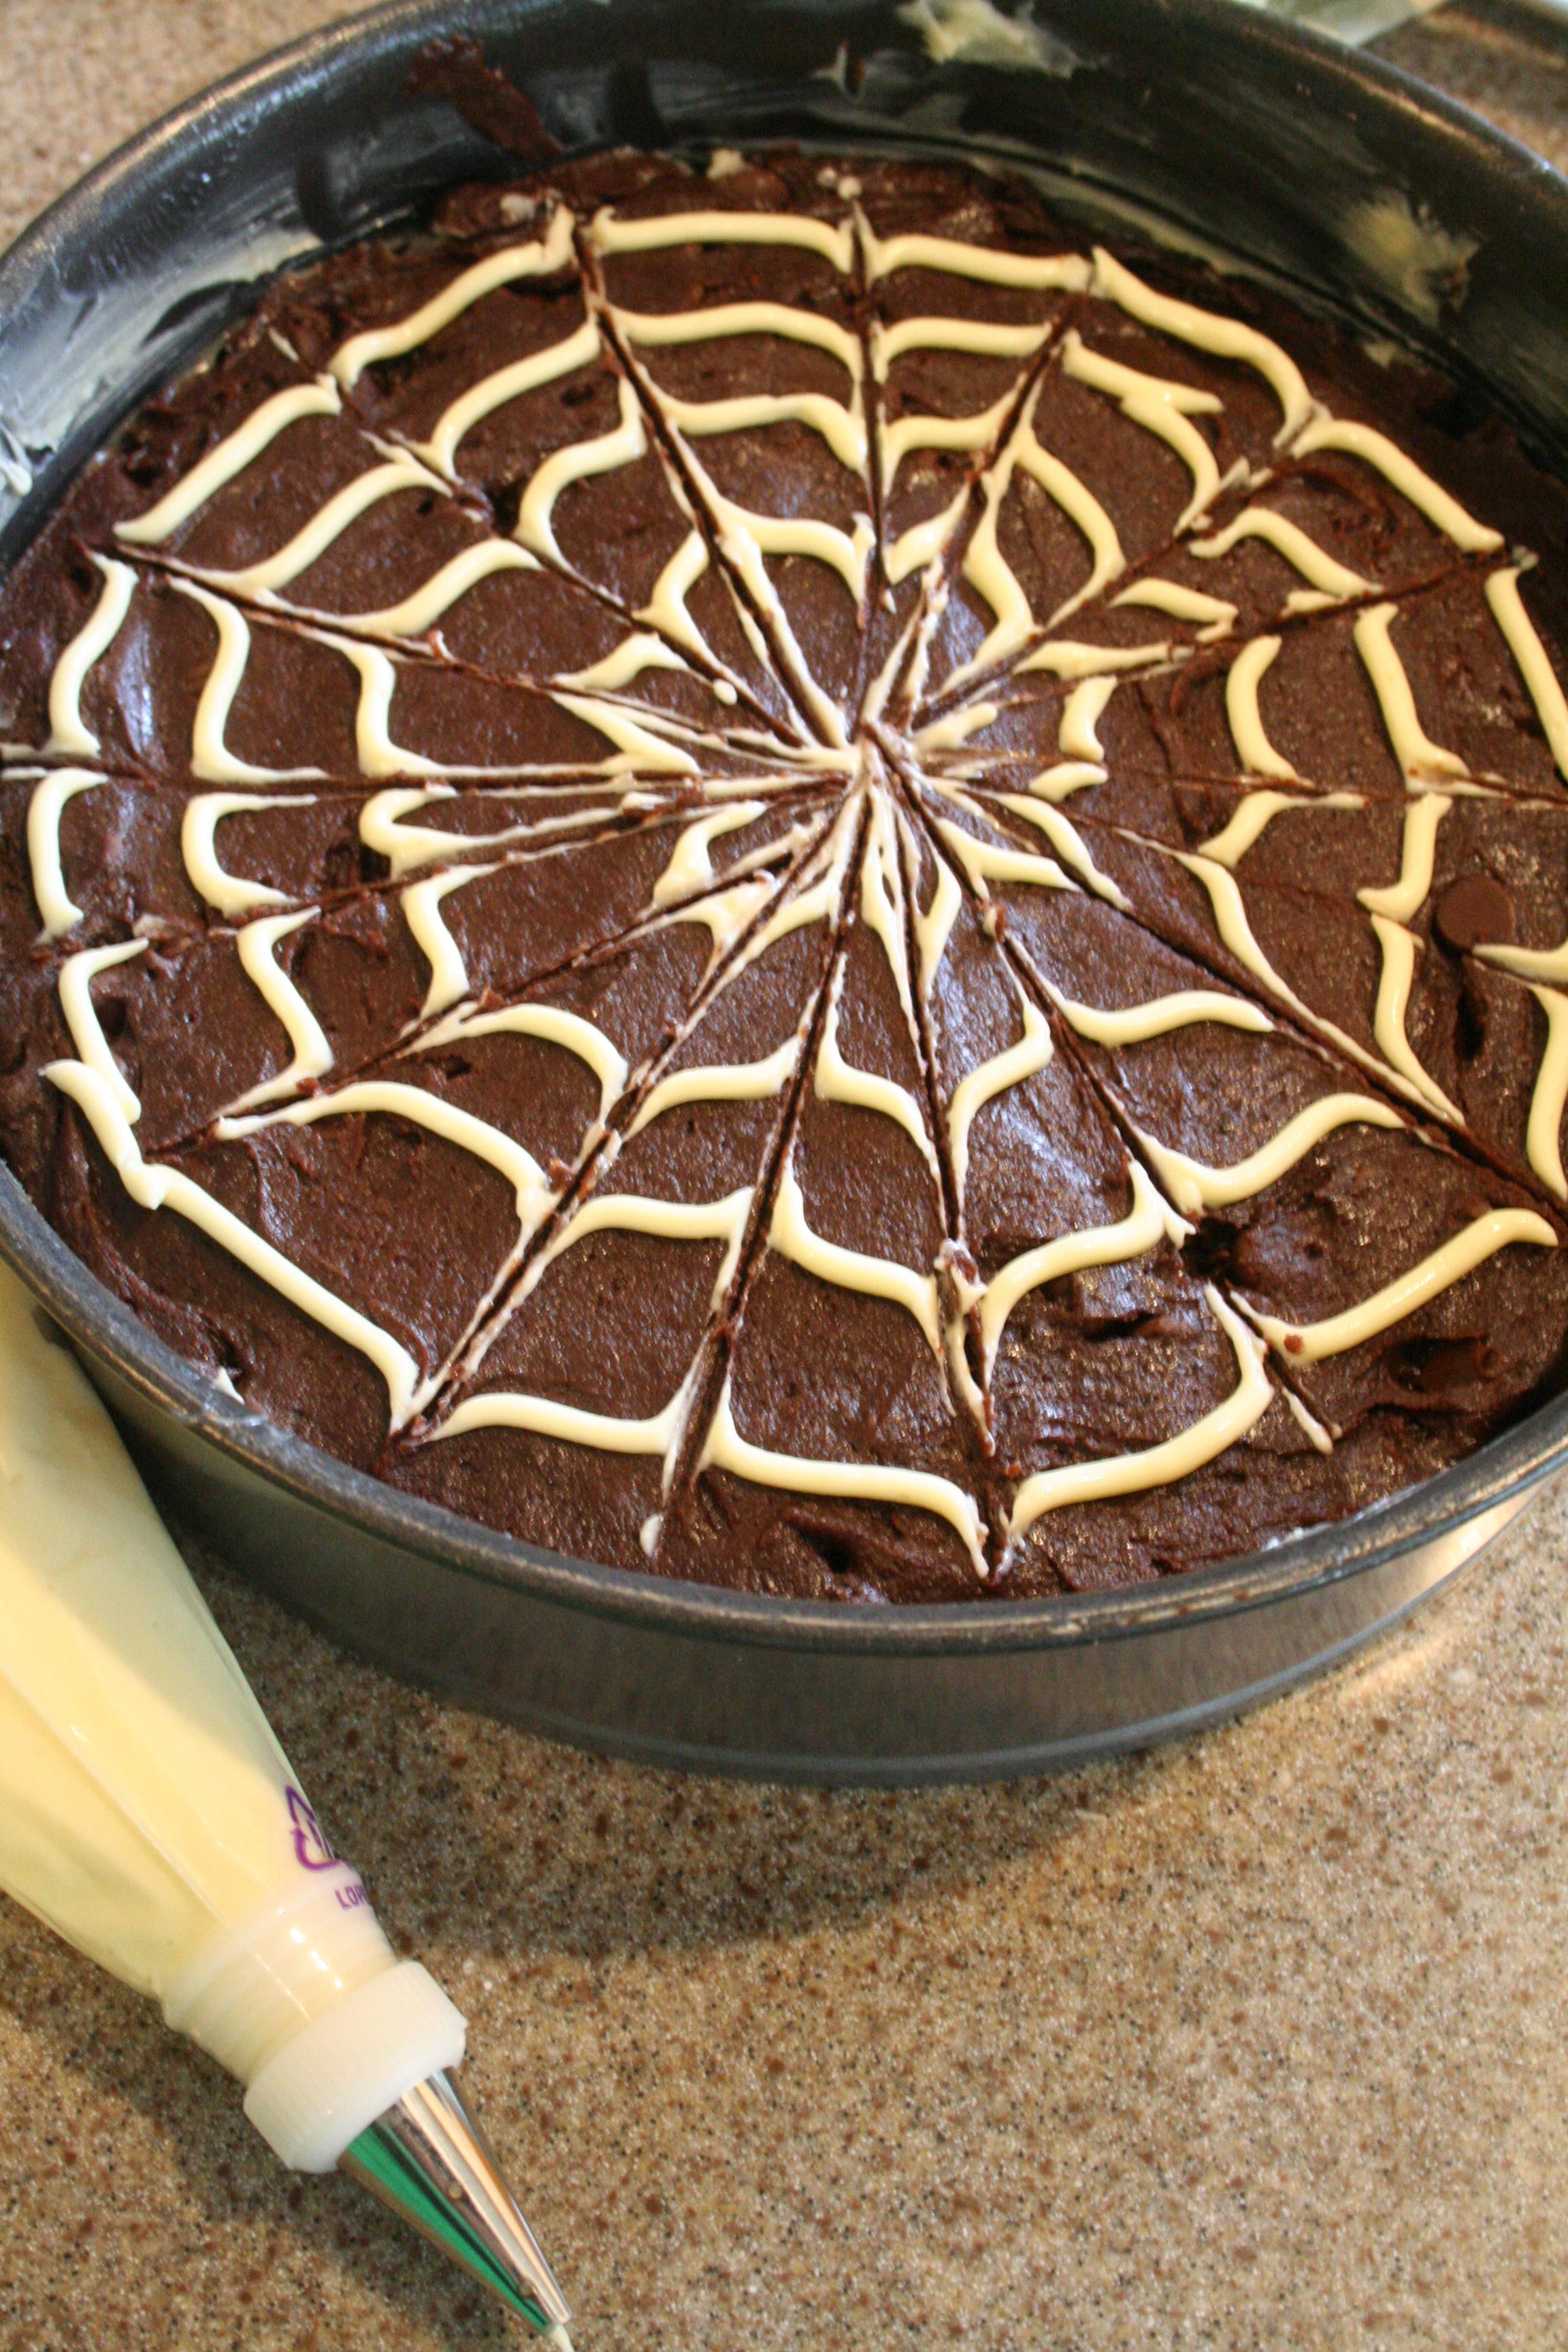 Drawn spider web wet Cake circles it Brownie circle